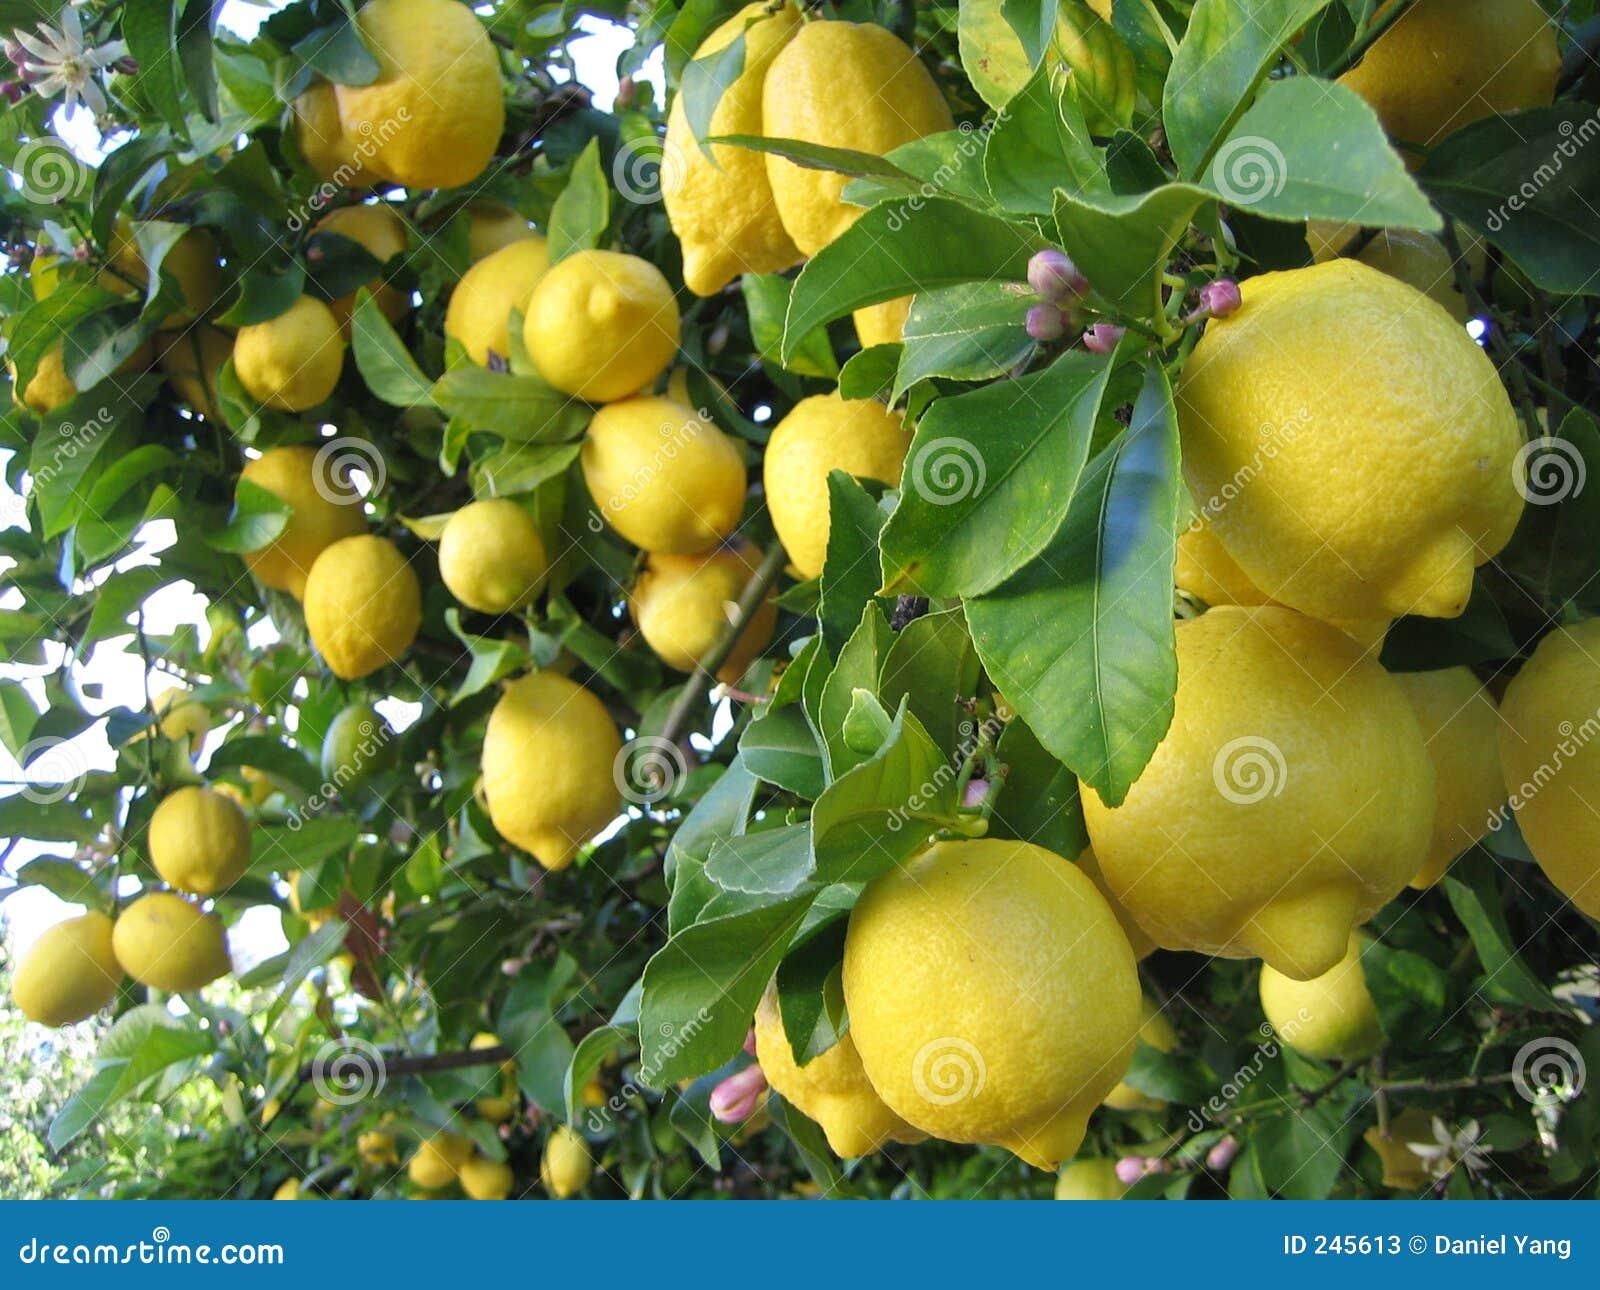 Imagenes Animadas De Arboles De Mango: Árbol De Limón Imagen De Archivo. Imagen De Fruta, árbol